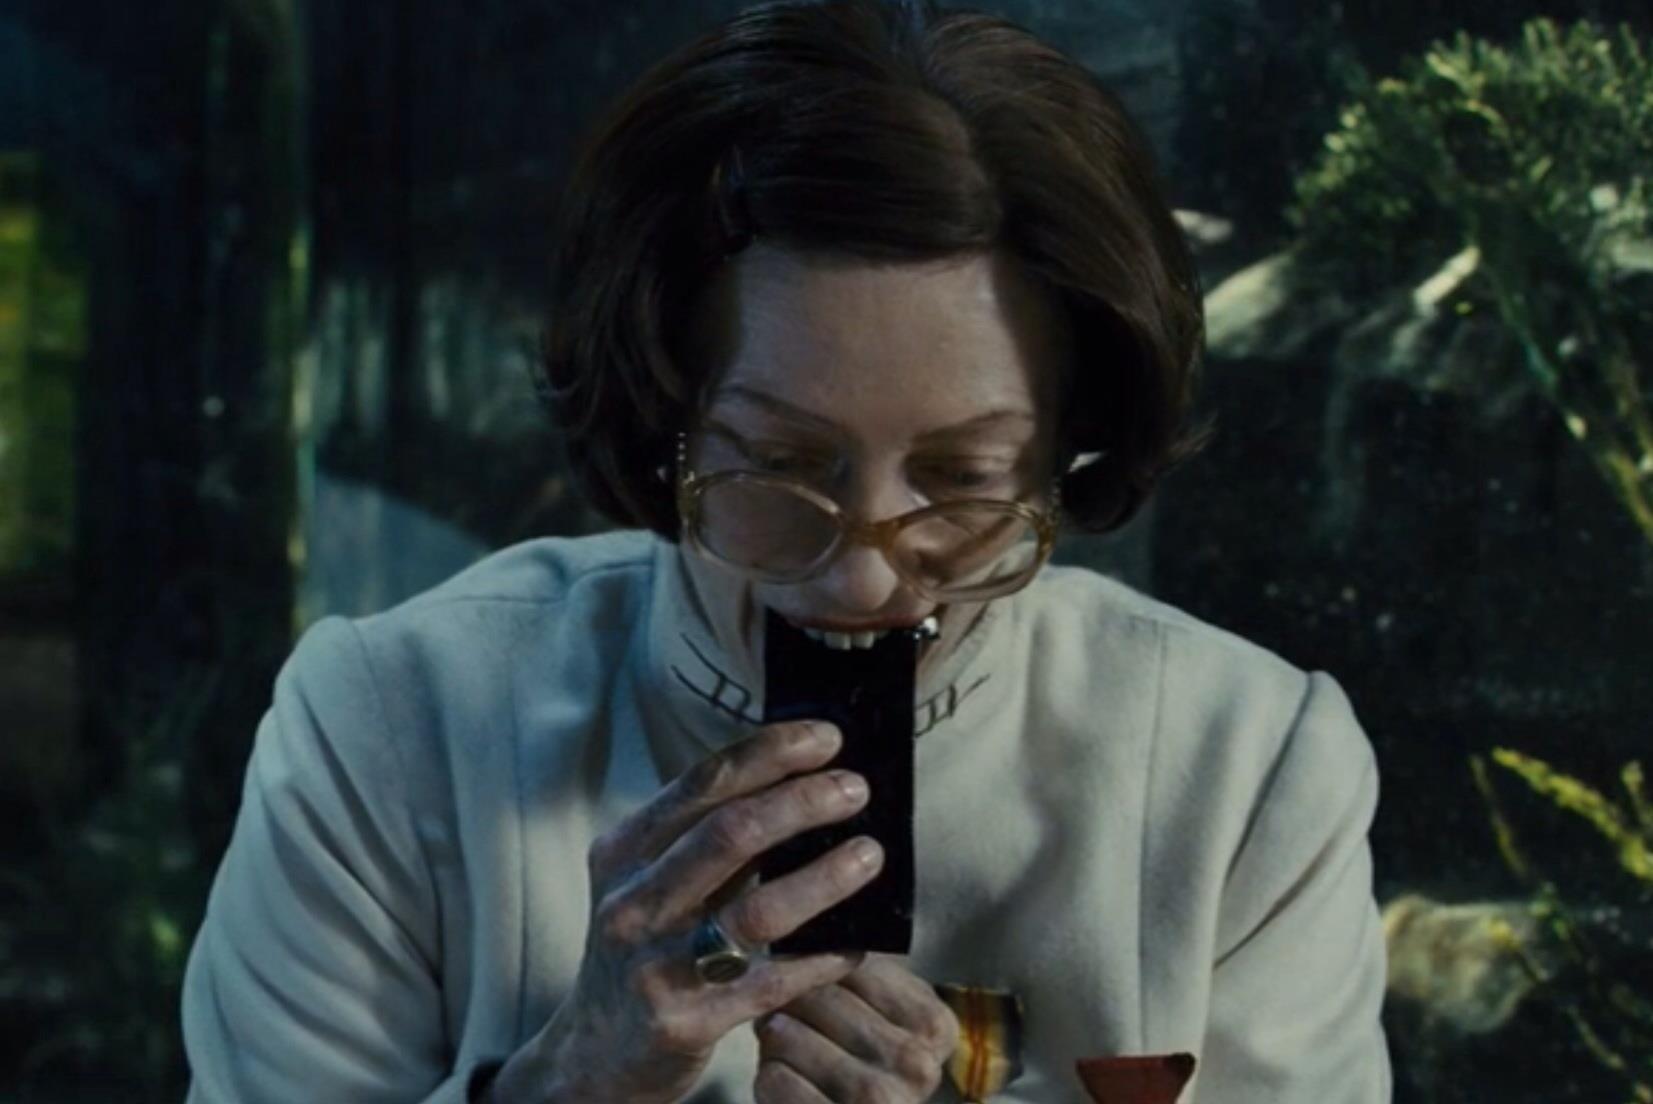 Tilda Swinton mangia le barrette proteiche a base d'insetti nel film Snowpiercer